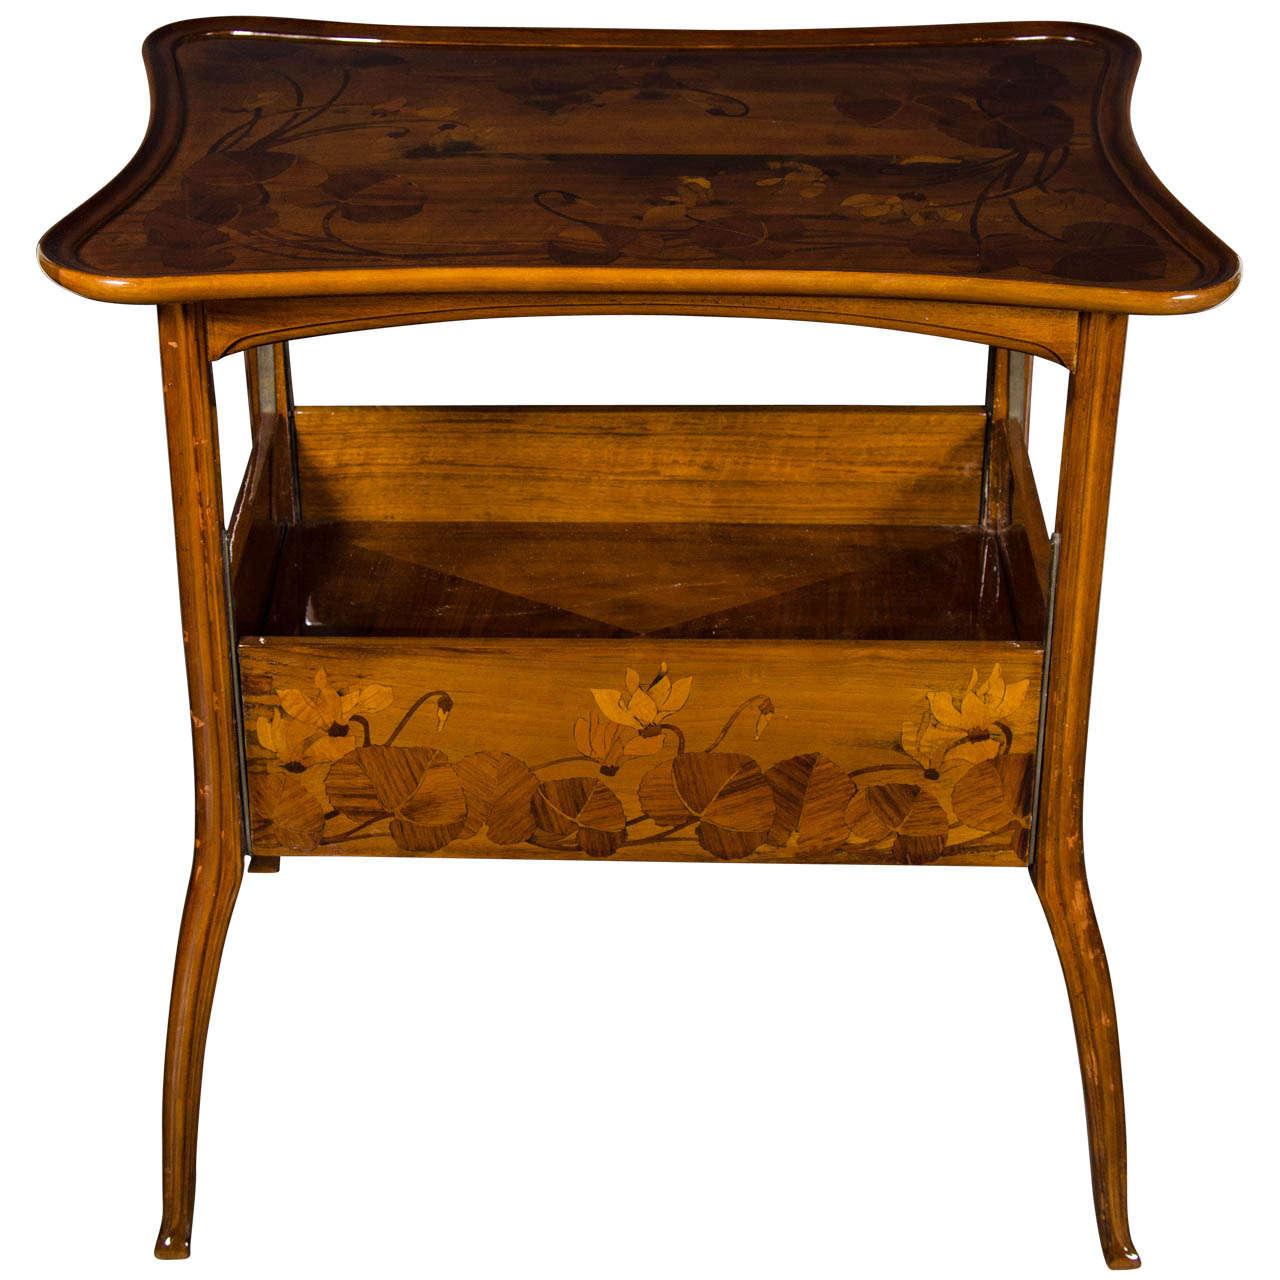 Exquisite Art Nouveau Carved Walnut Tea Table By Louis Majorelle 1